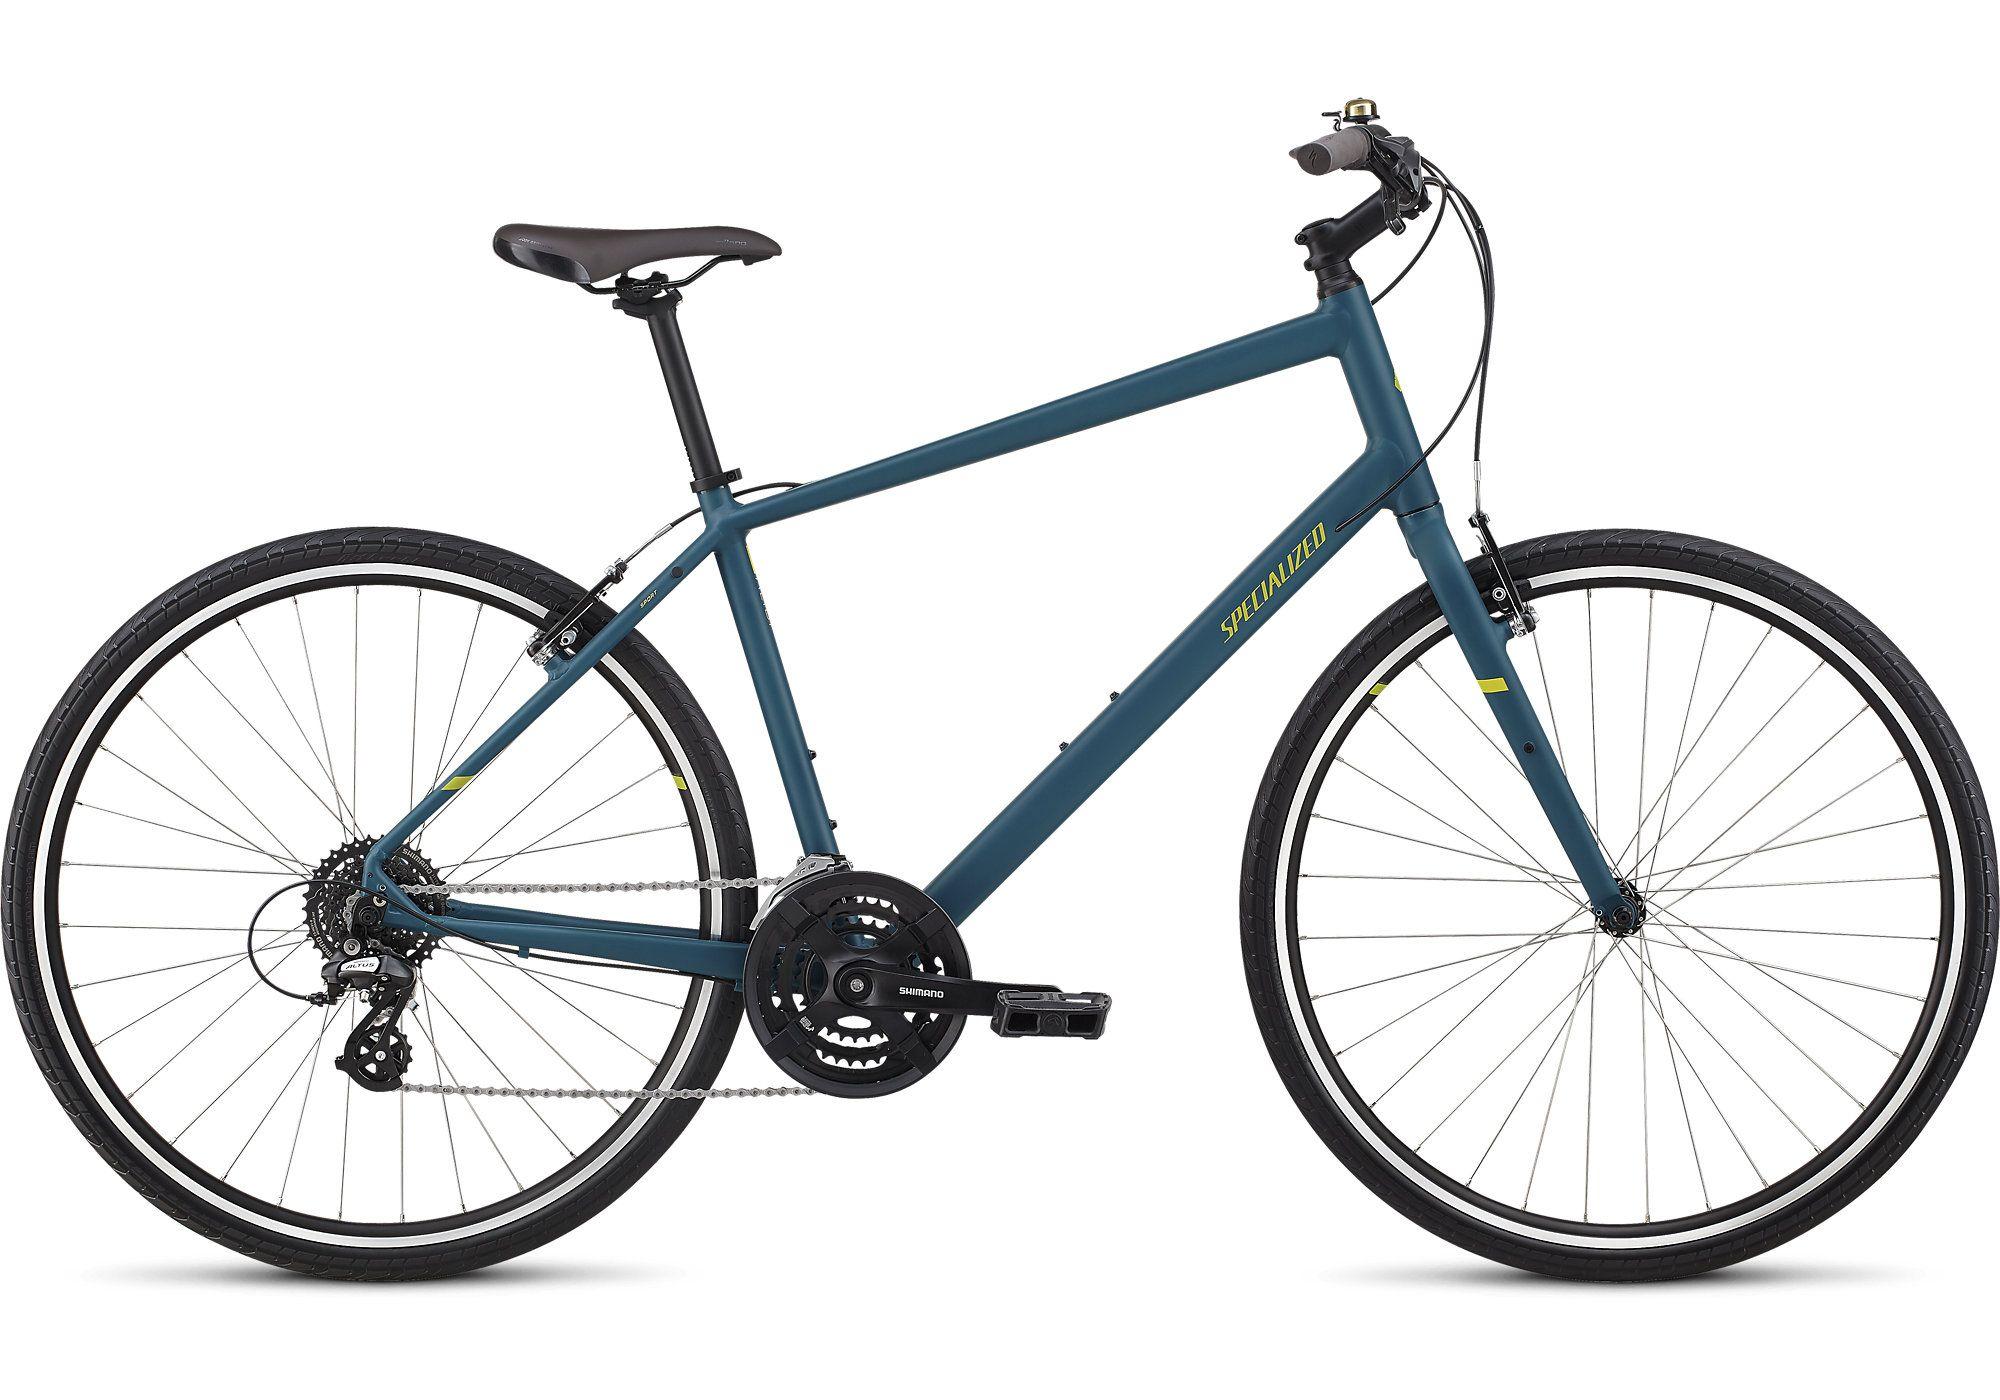 Alibi Sport Specialized 550 Hybrid bike, Fuji bikes